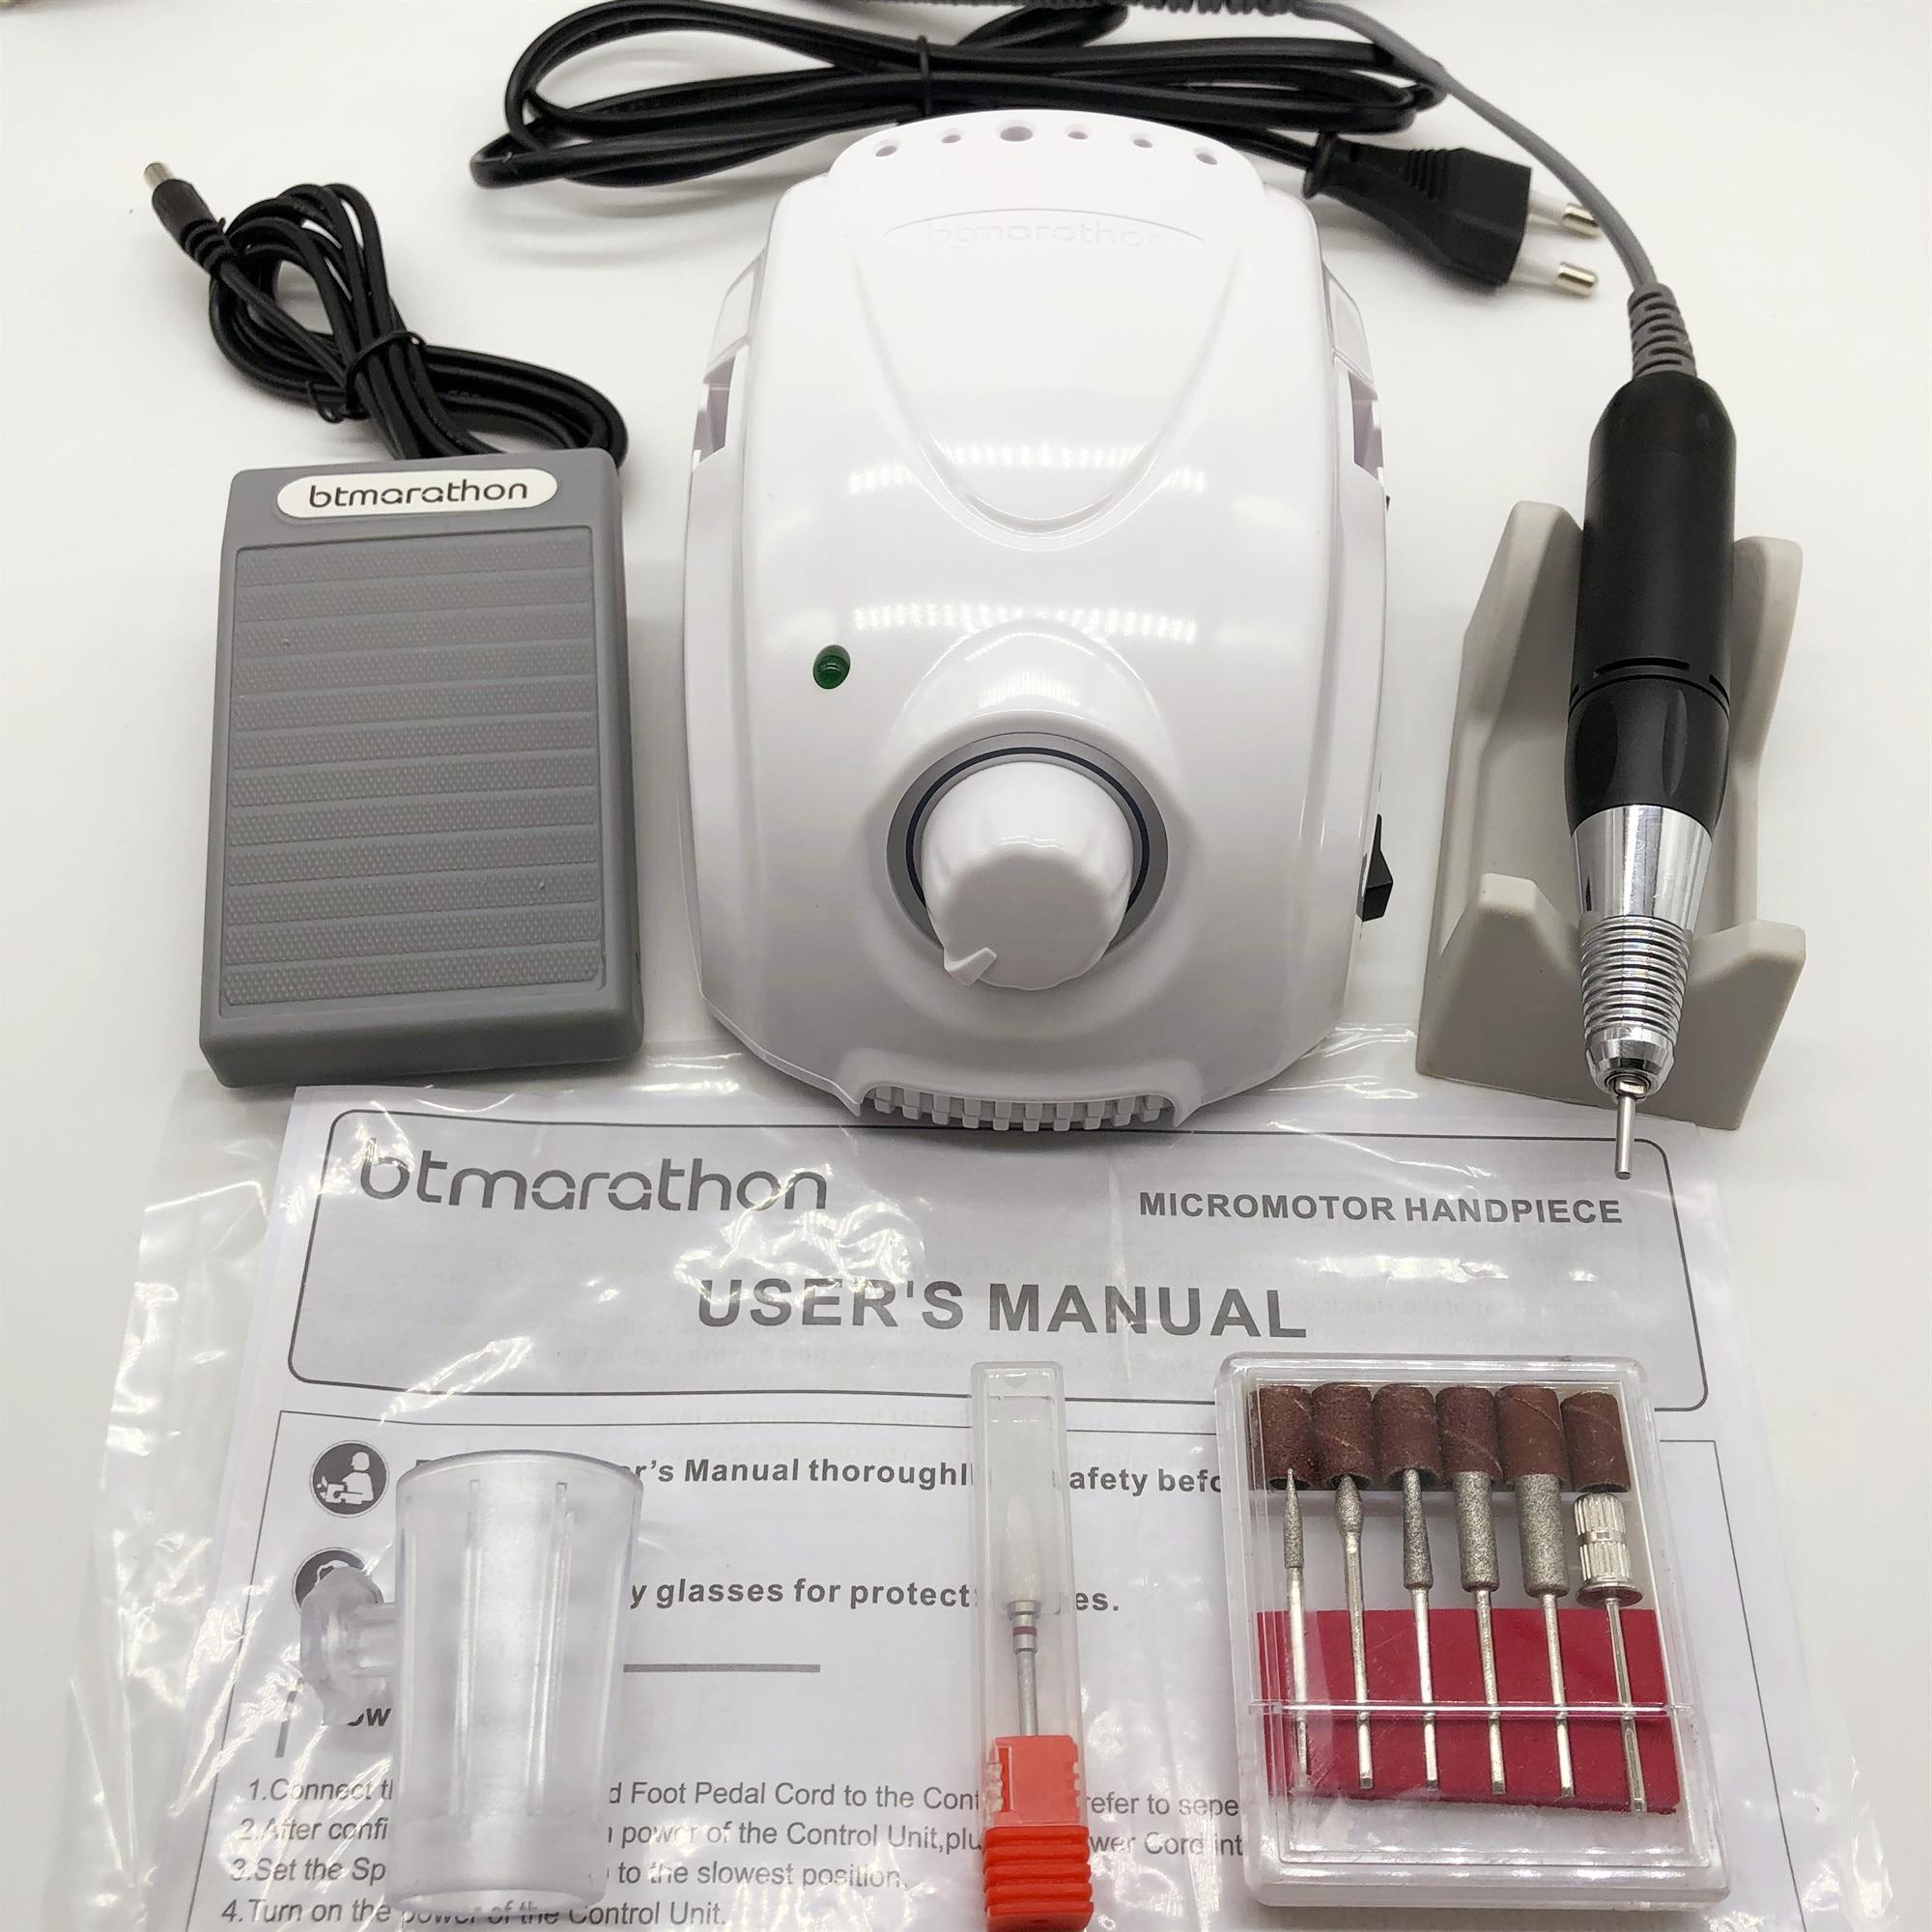 btmarathon caixa de controle 65w 35000rpm preto alta qualidade broca profissional manicure pedicure unha arte polimento